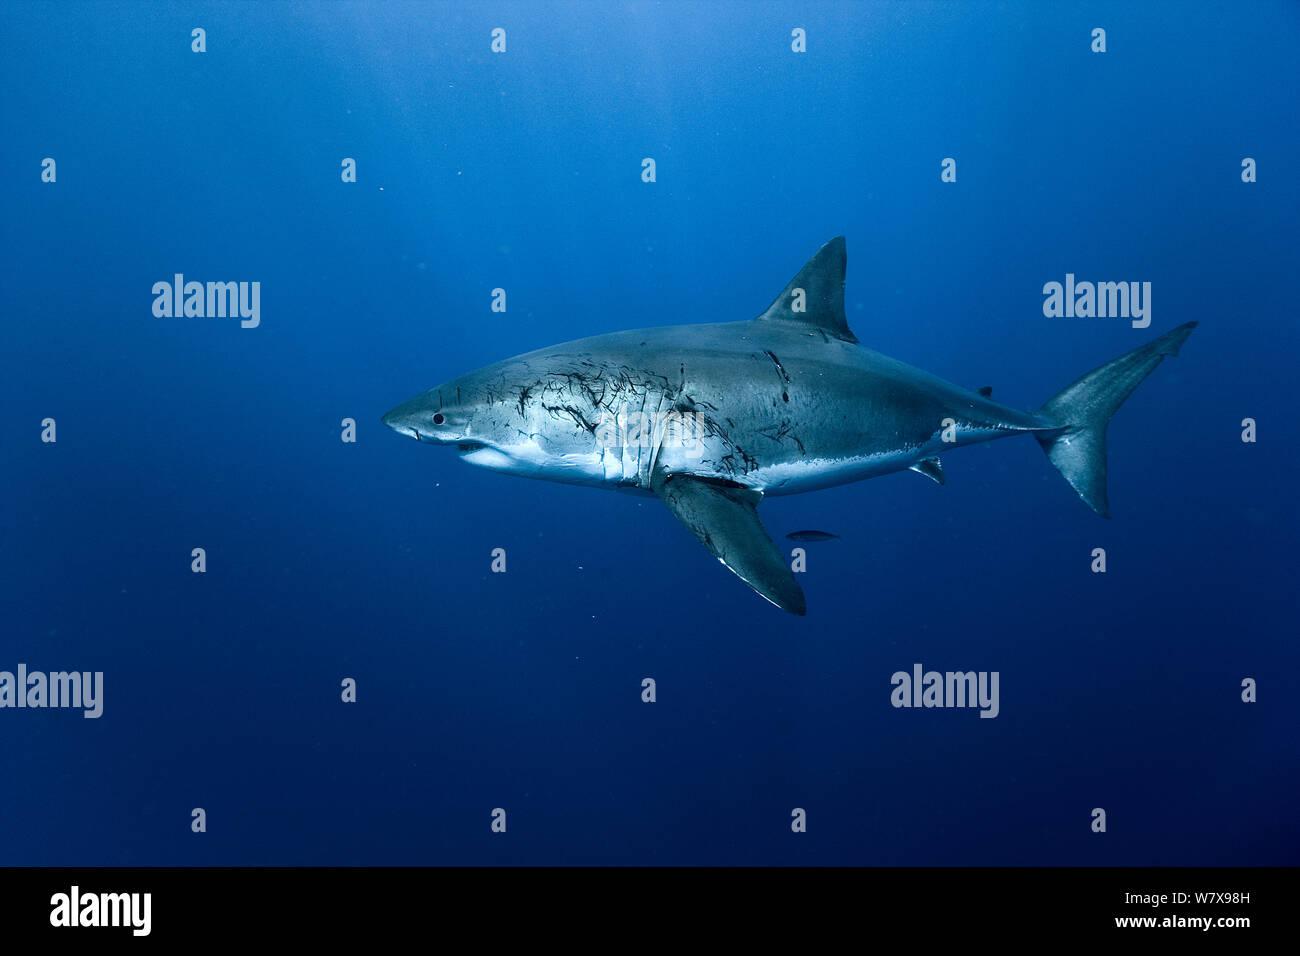 Hembra gran tiburón blanco (Carcharodon carcharias) con heridas infligidas por los machos durante el apareamiento, Isla Guadalupe, México. Océano Pacífico. Foto de stock